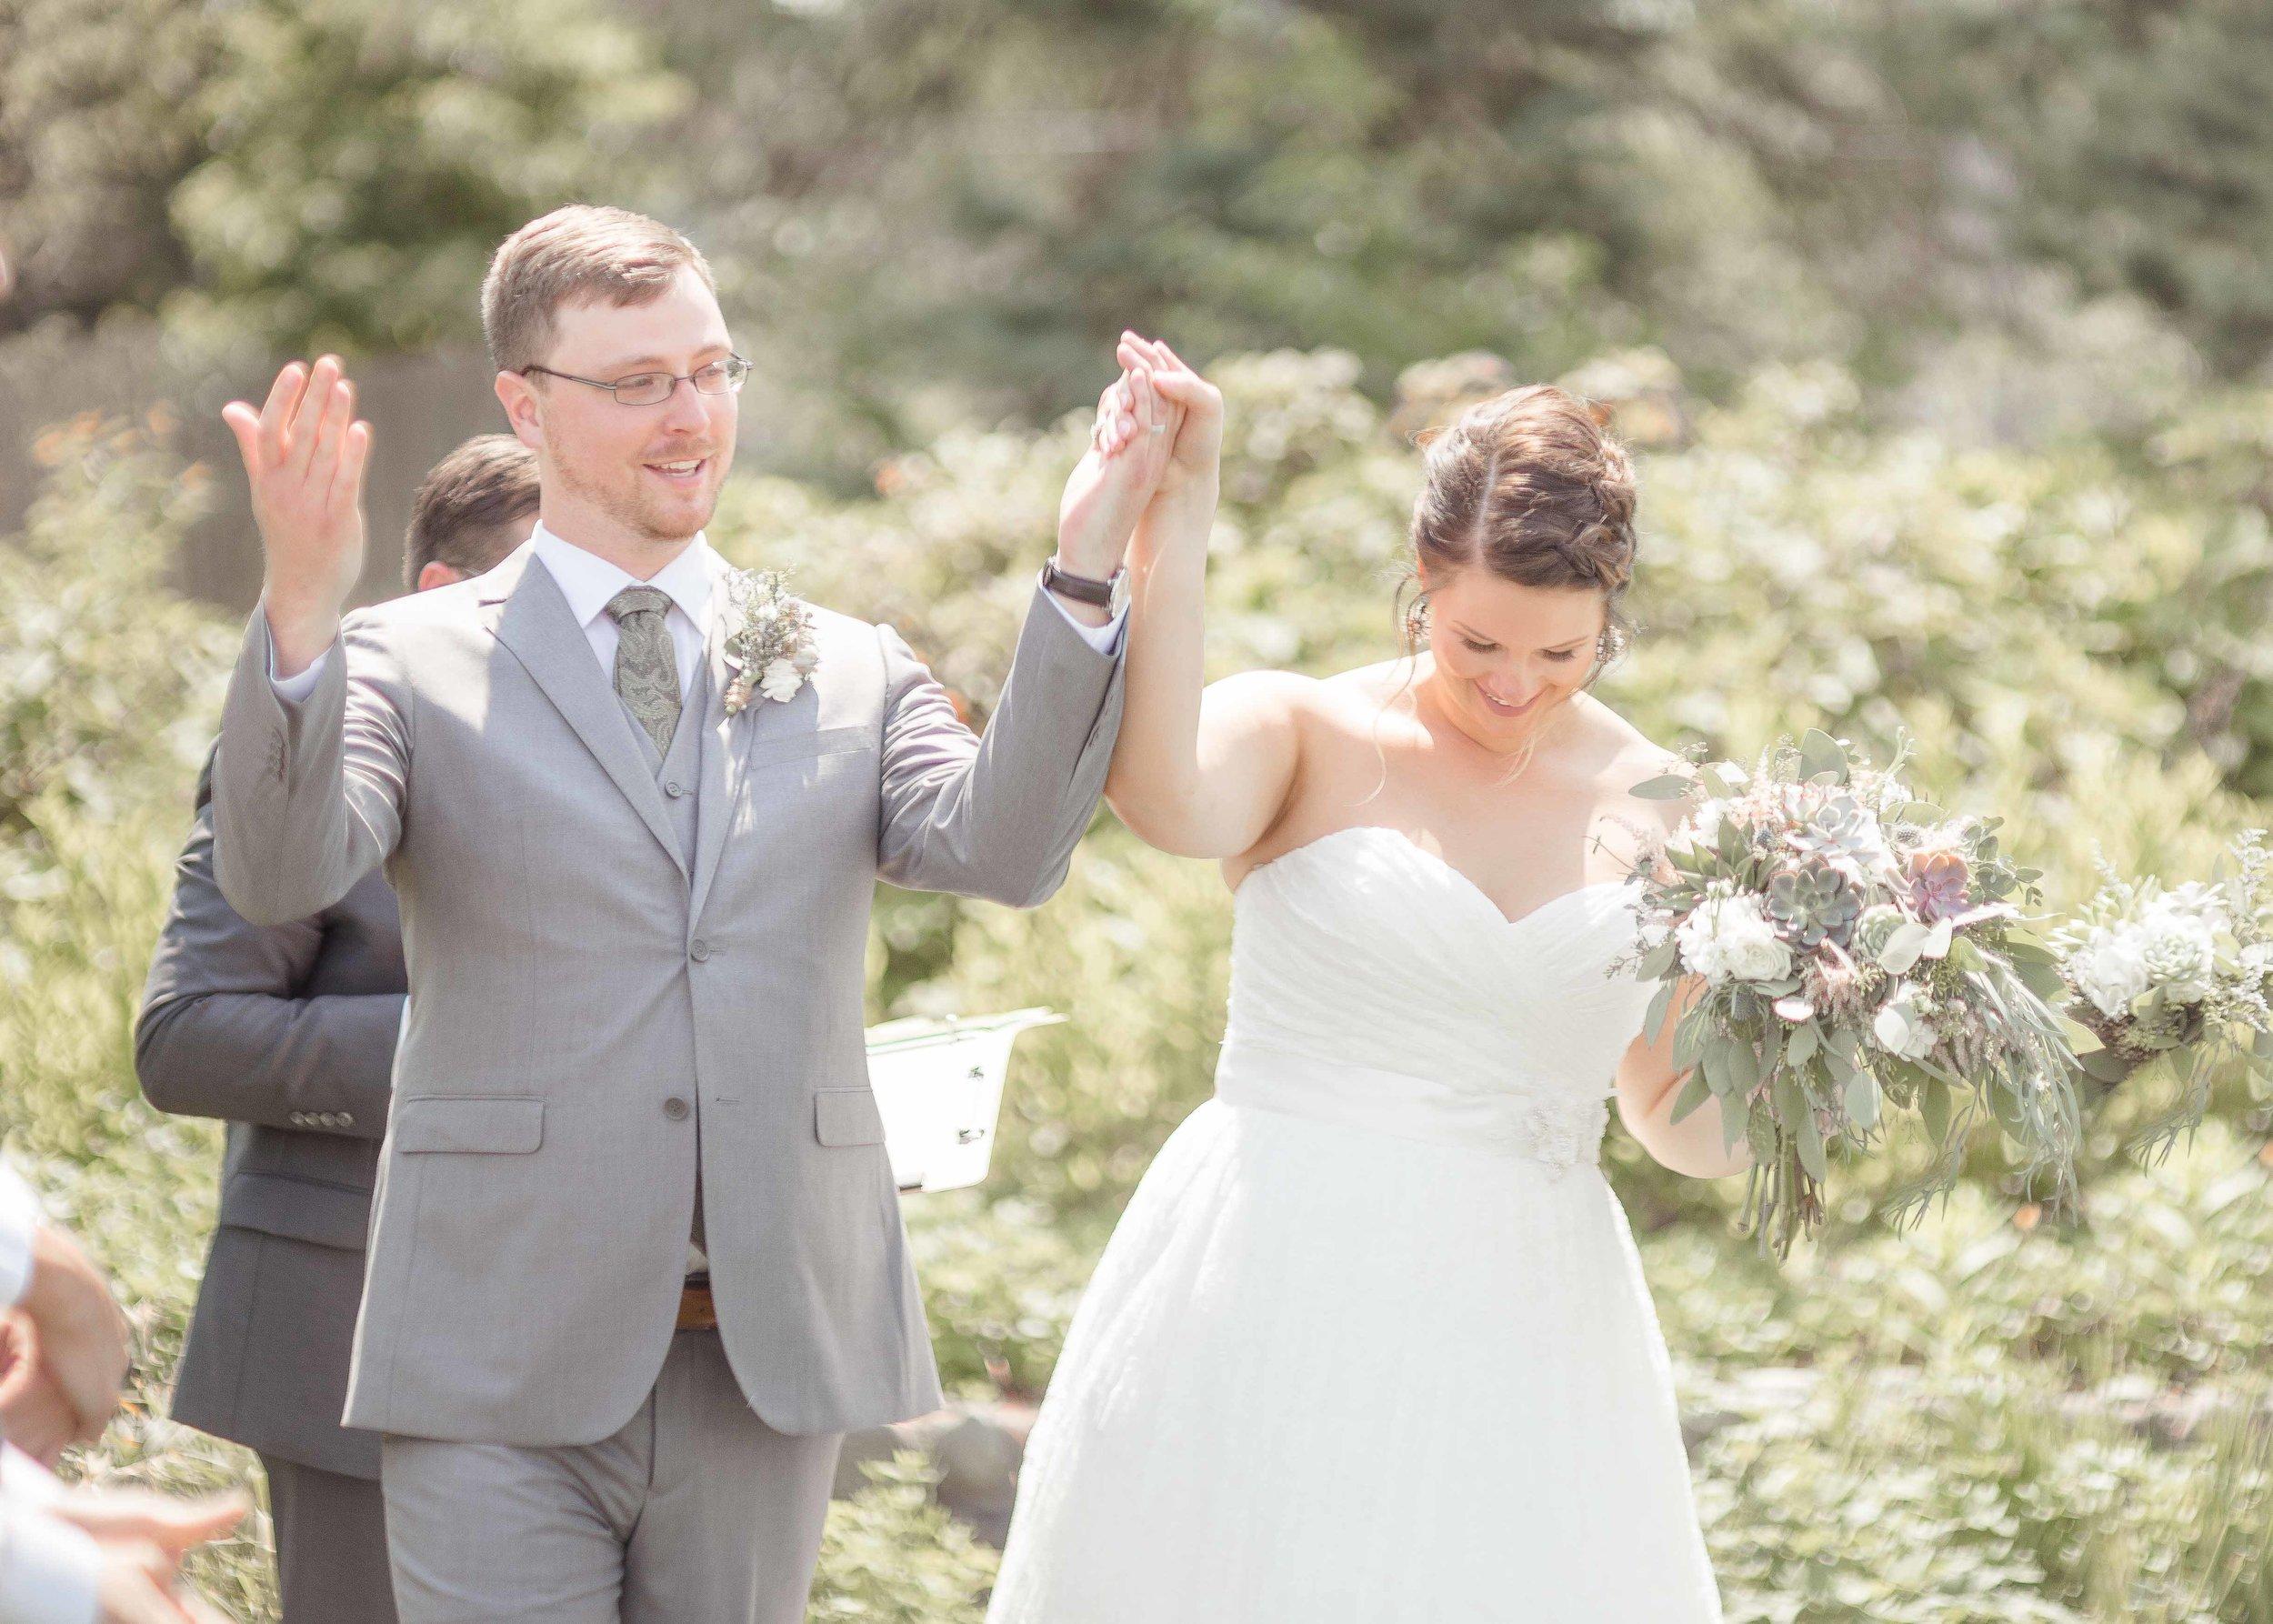 C_Wedding_Sarver, Alyssa & Scott_08.04.18-325.jpg